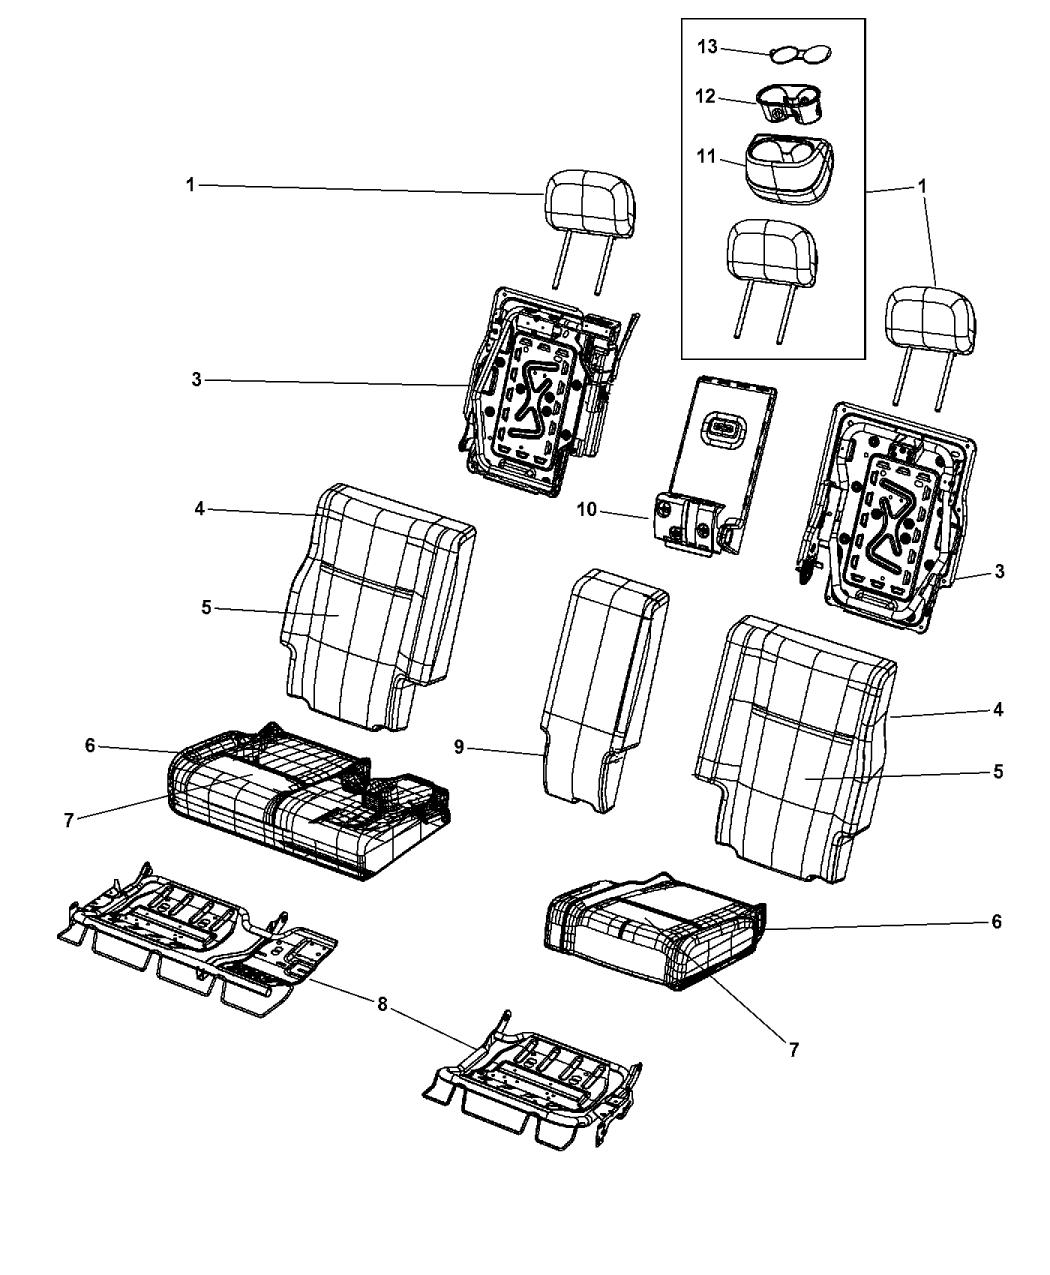 Dodge Parts Diagrams - Wiring Diagrams